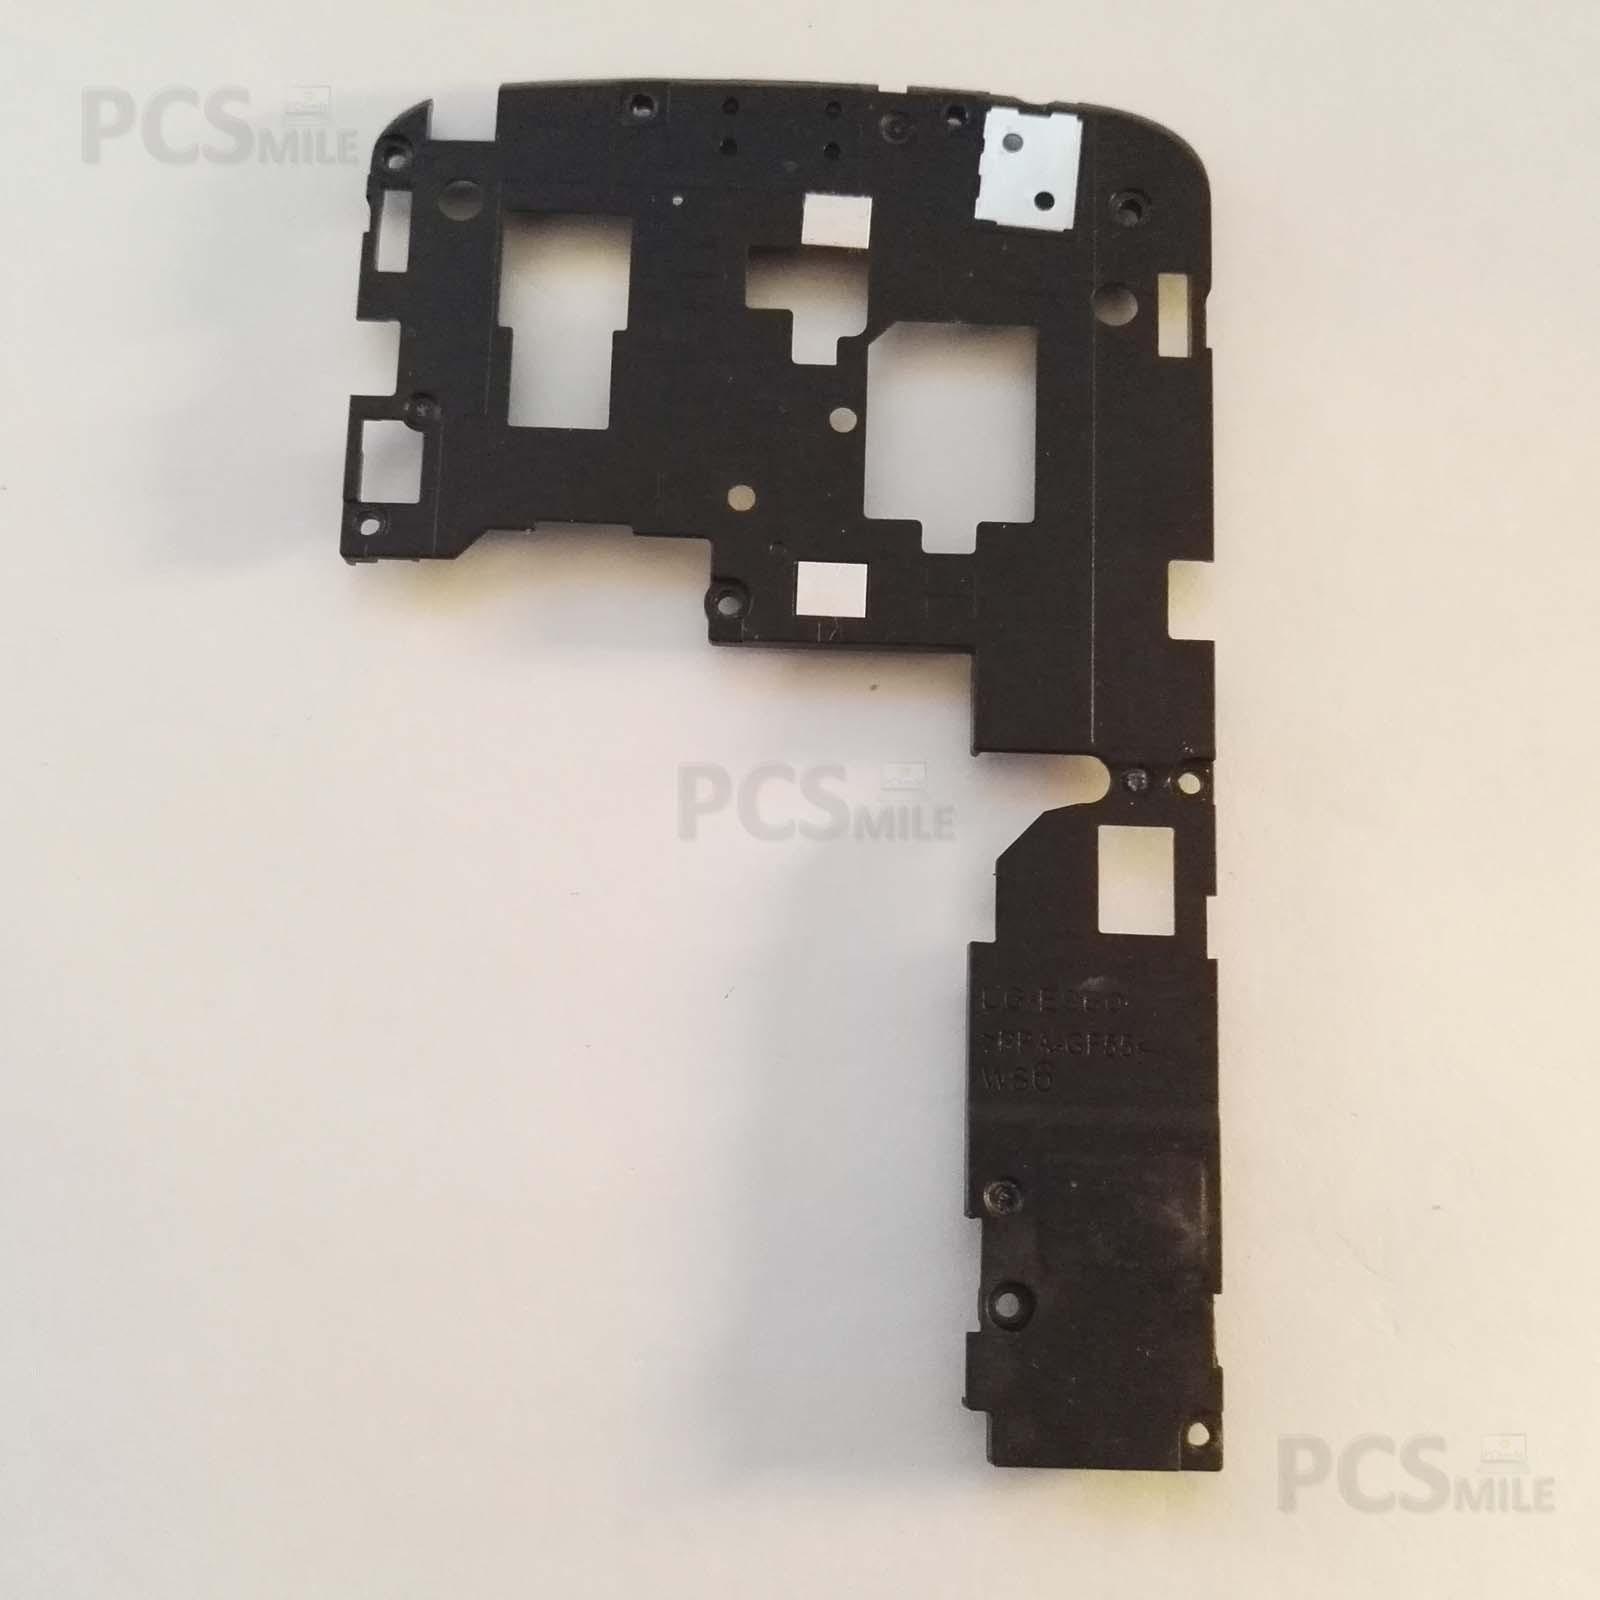 Telaio interno Nexus 4, LG-E960 scocca copertura scheda madre mainboard supporto